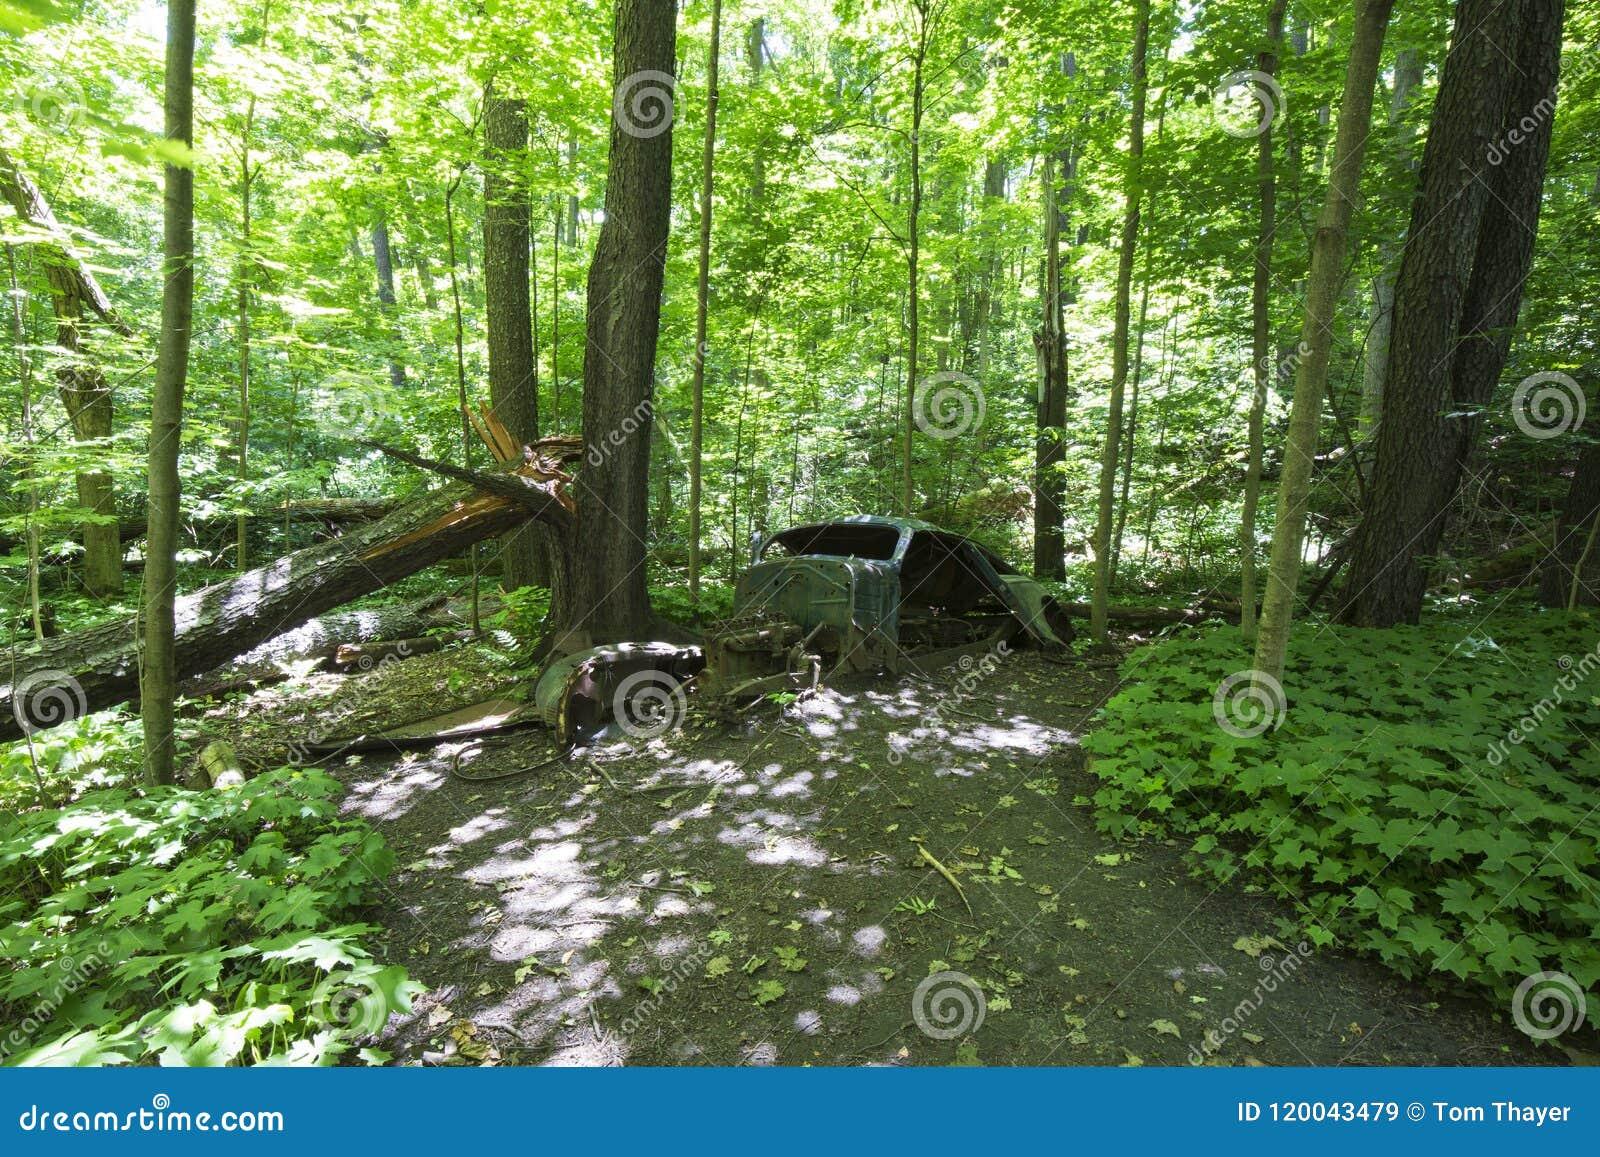 Vieille voiture abandonnée dans la forêt